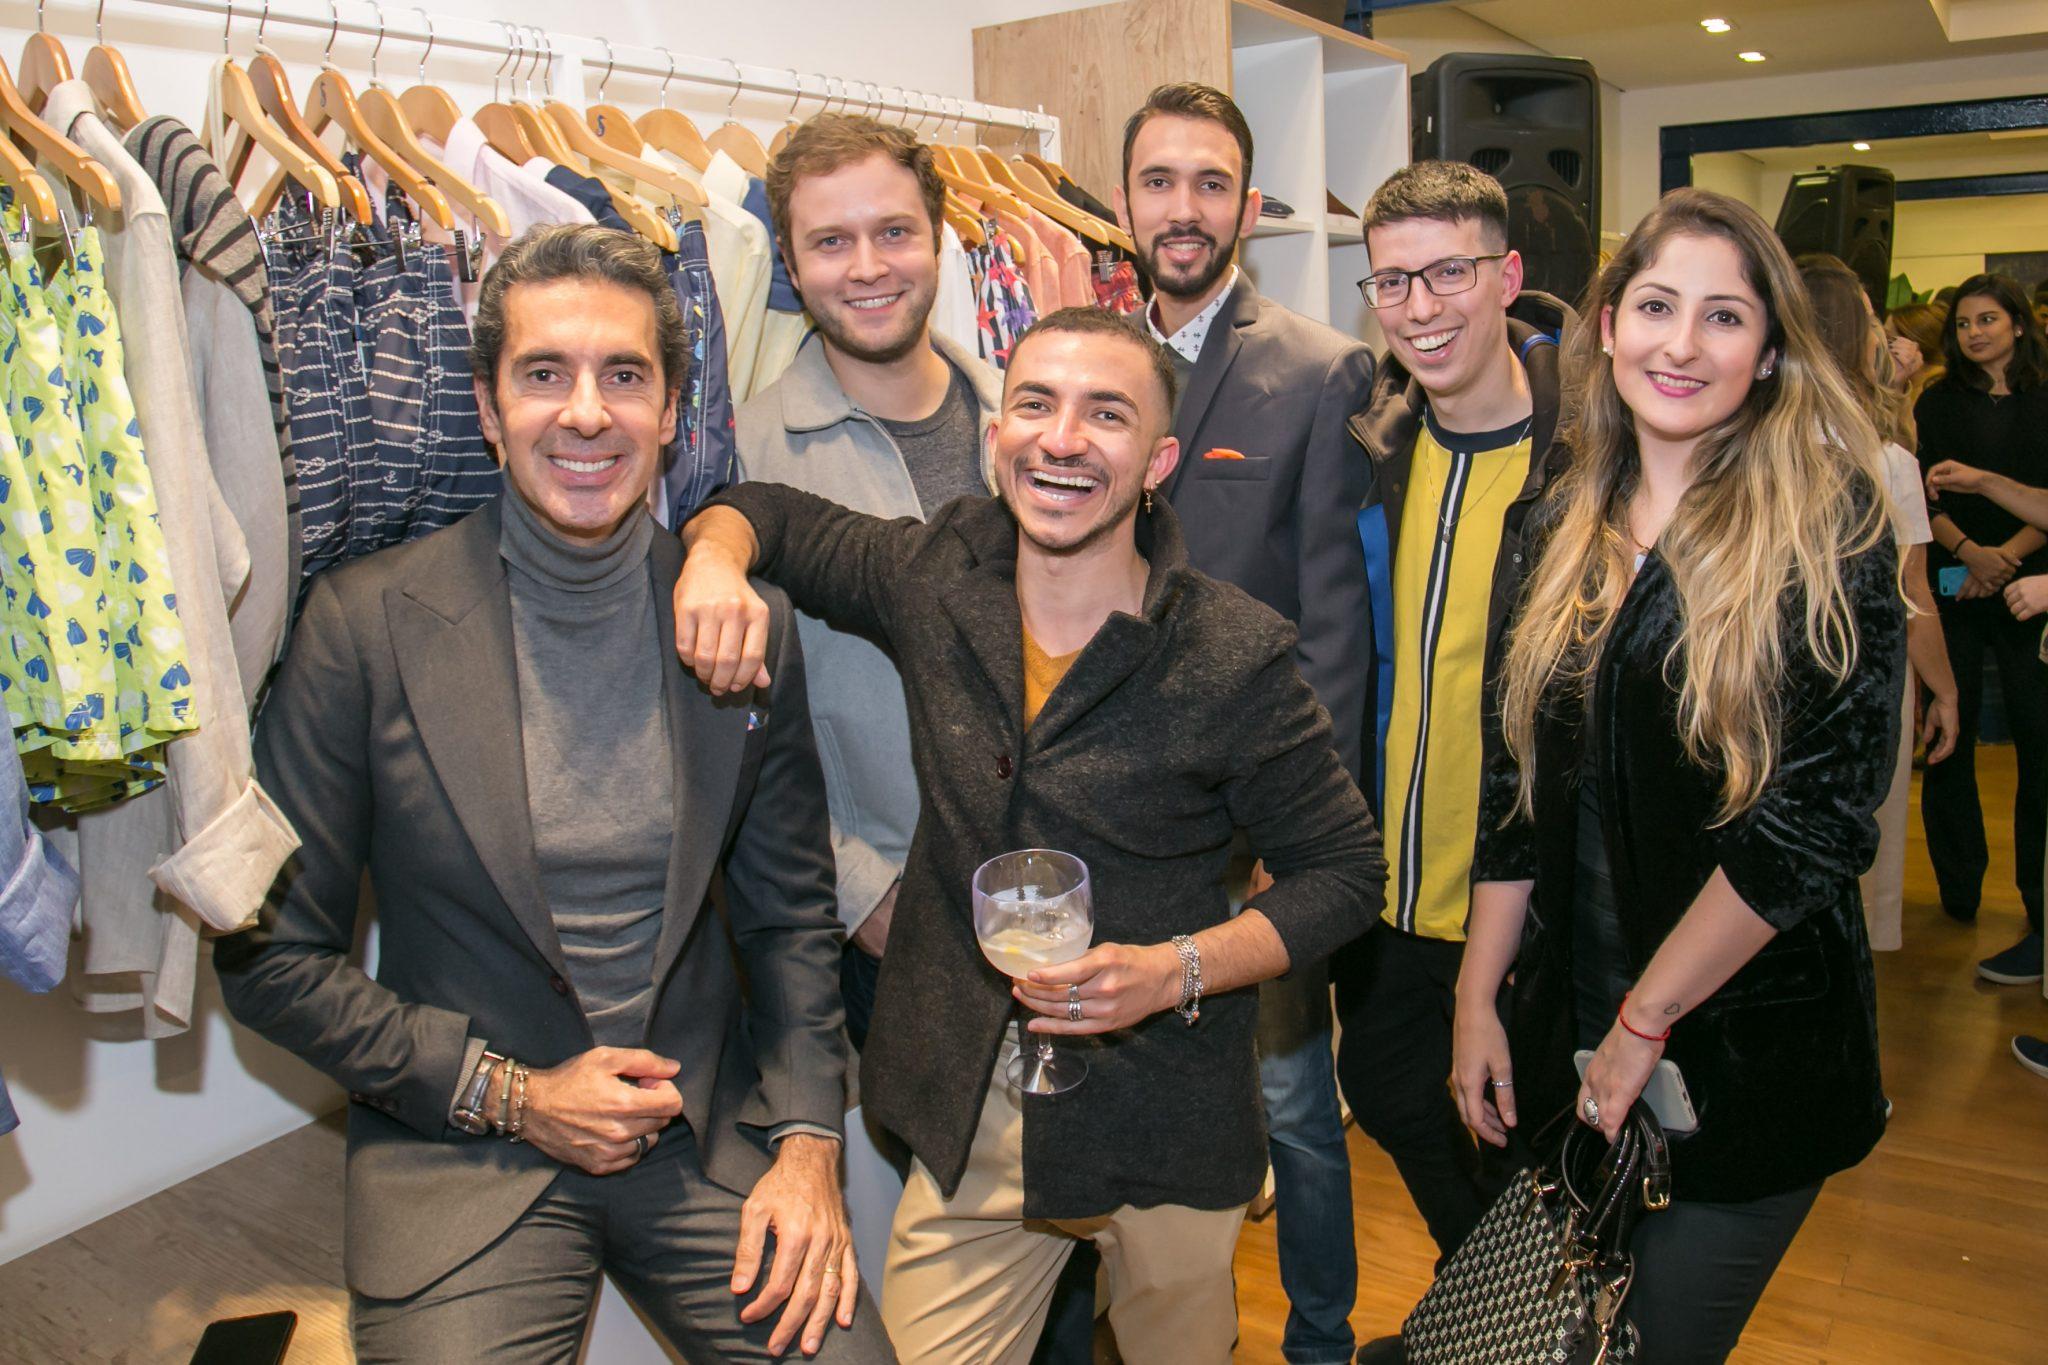 Shorts Co 04 06 2019 22 - Shorts Co. recebe convidados especiais para o lançamento da coleção By Alexandre Taleb